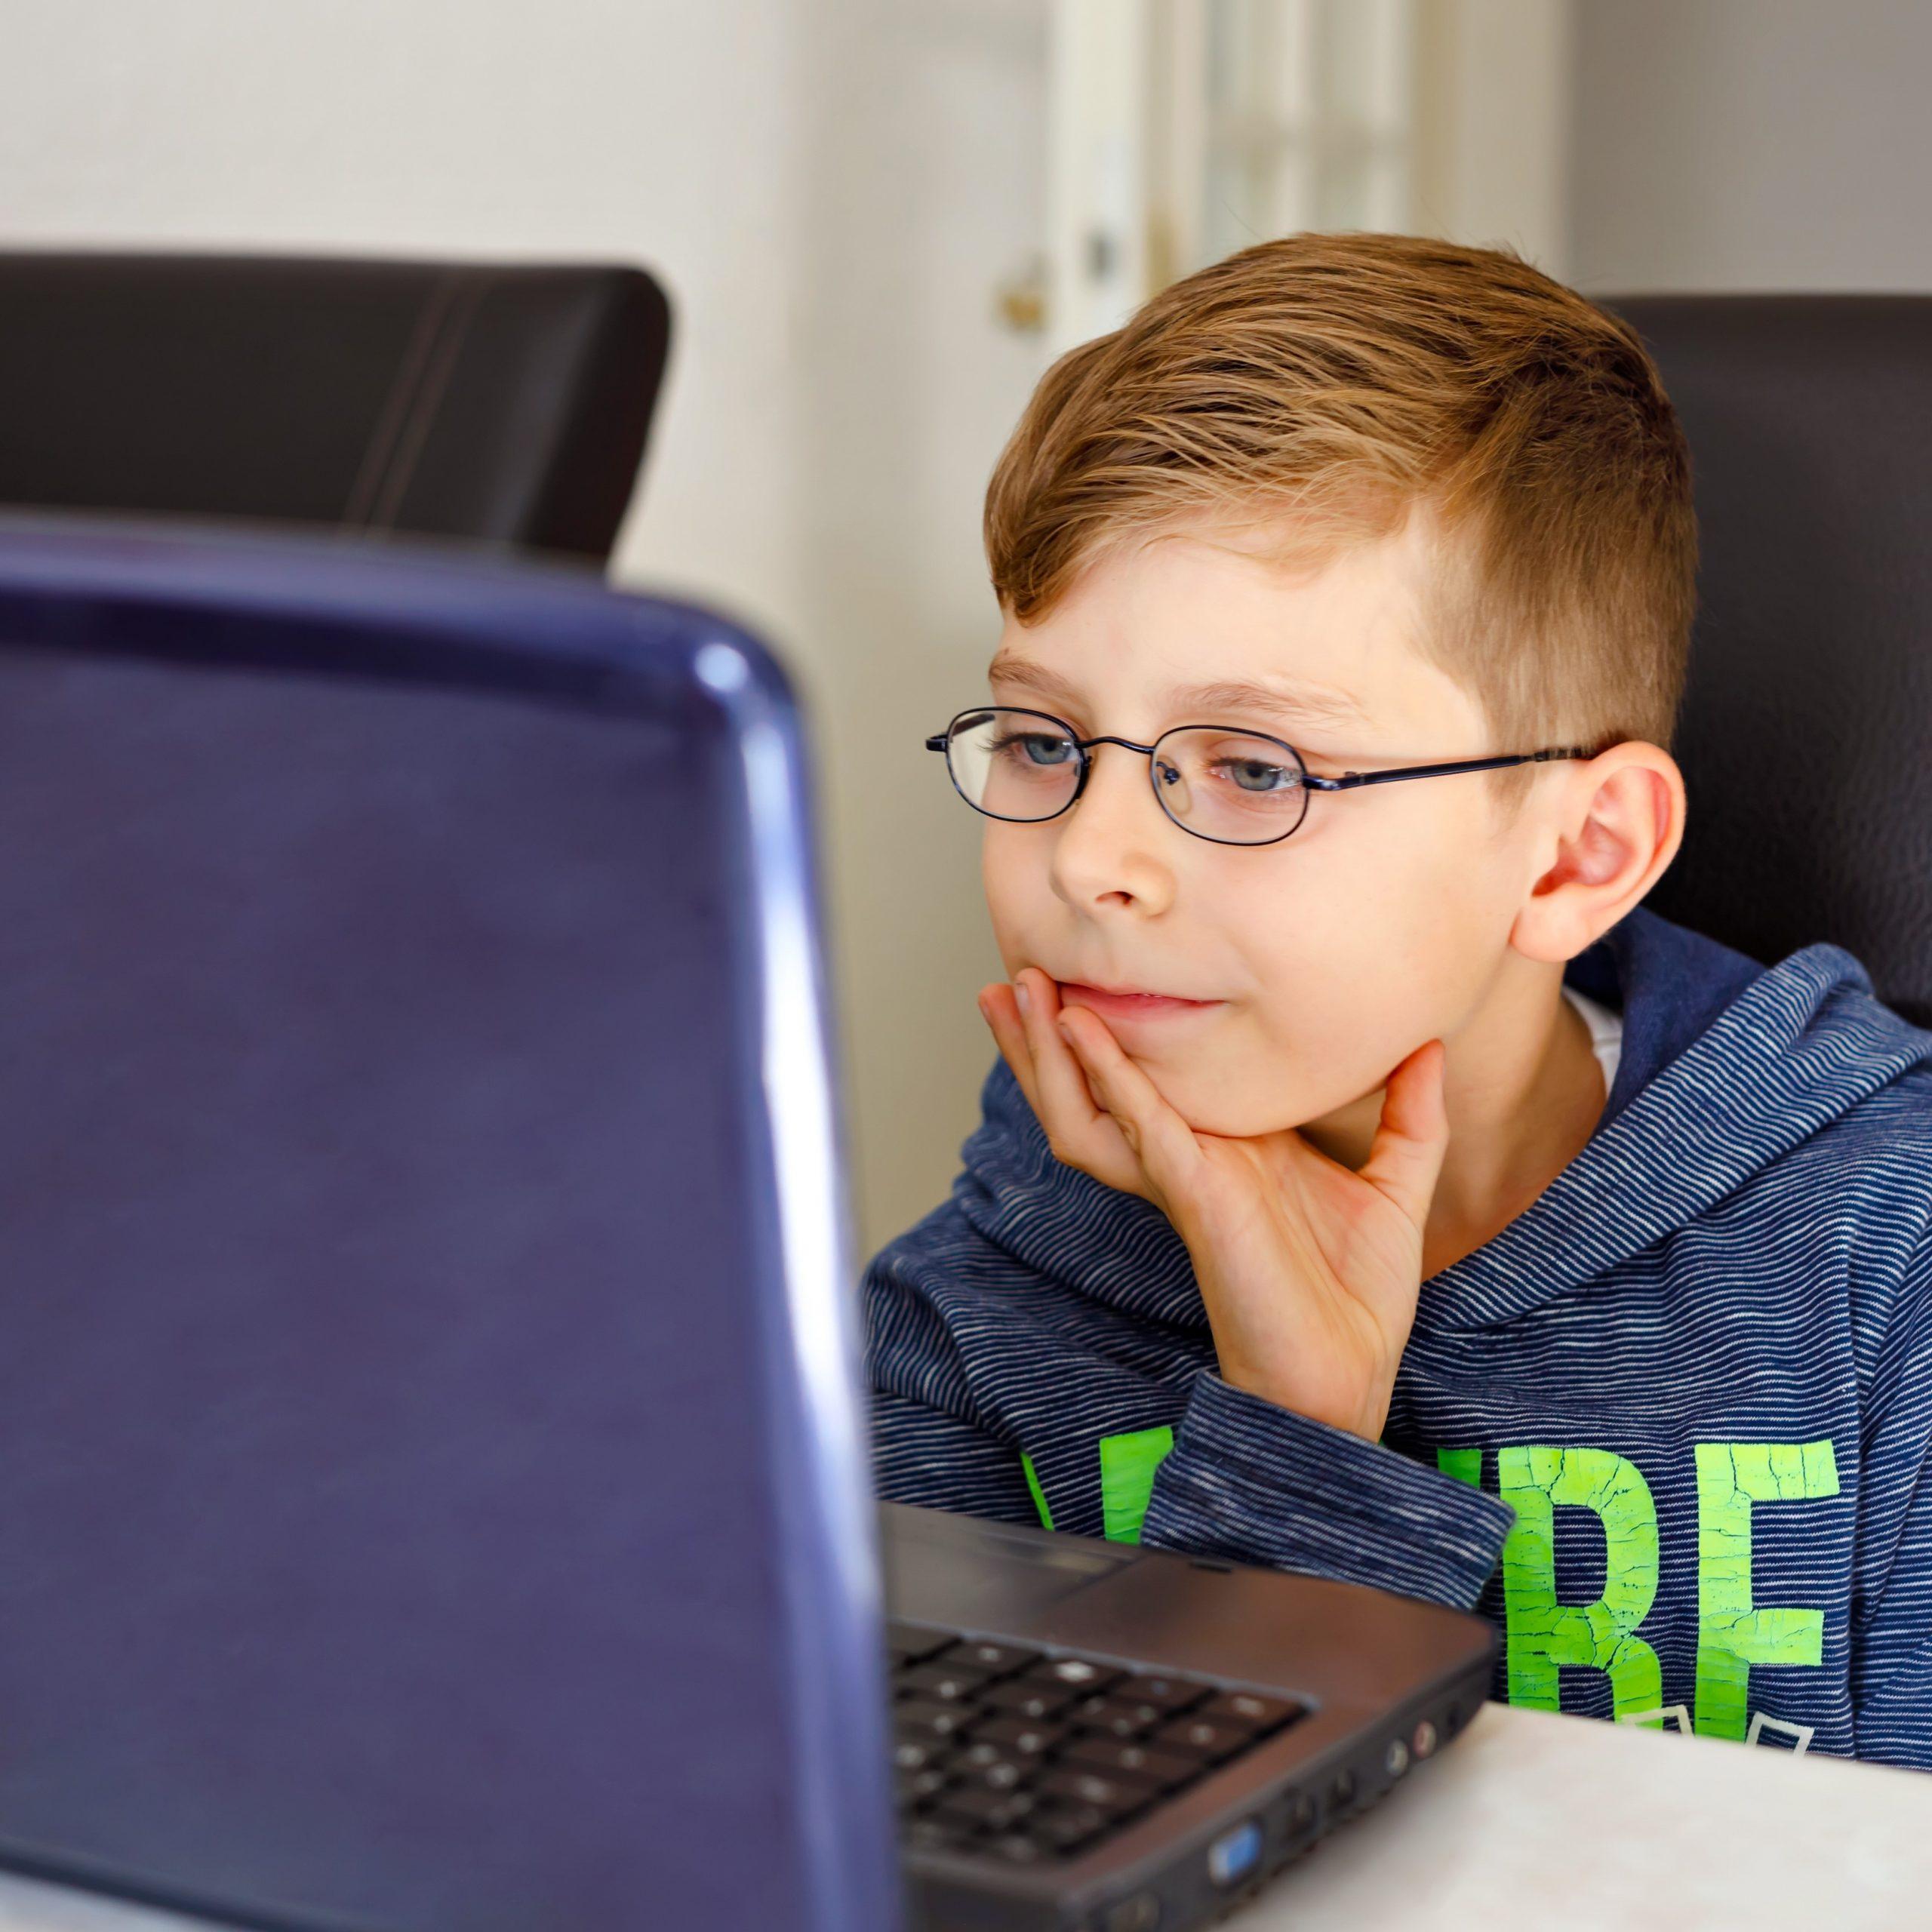 Die Uni Saarland erklärt Kindern online alles, was sie über das Corona-Virus wissen wollen